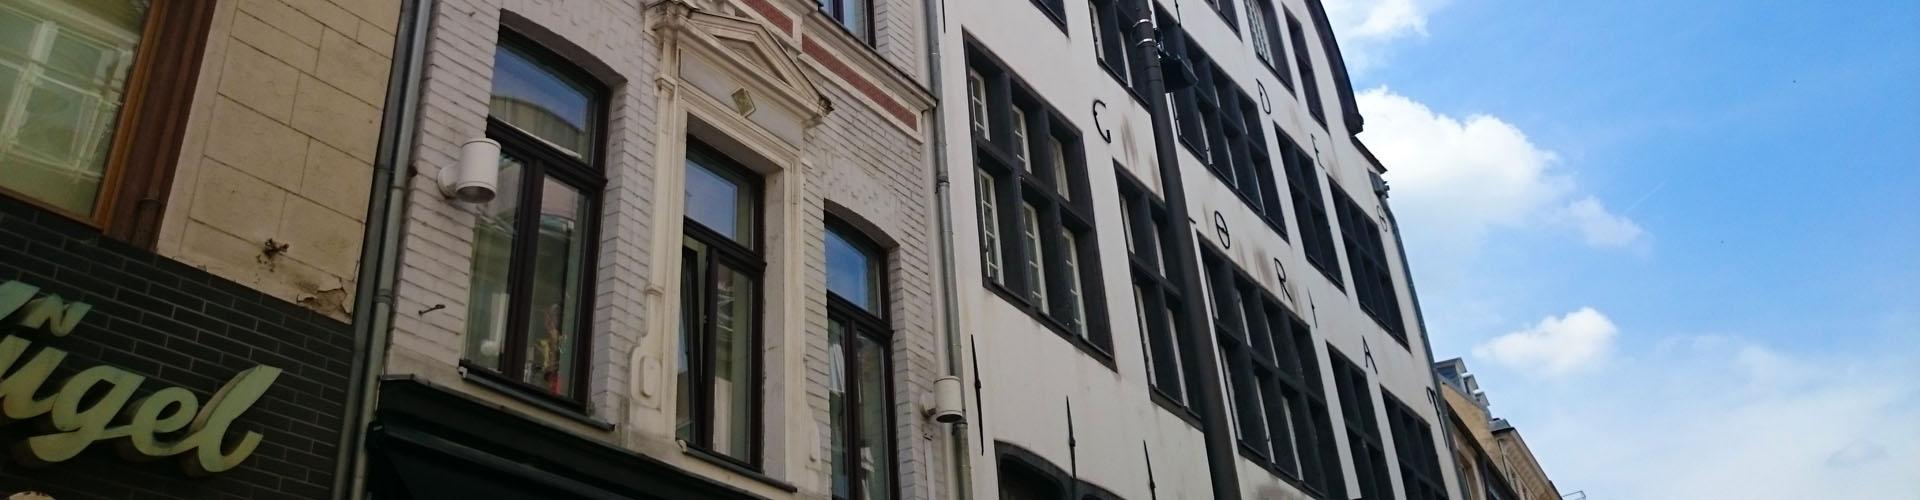 Severinstraße Fassade